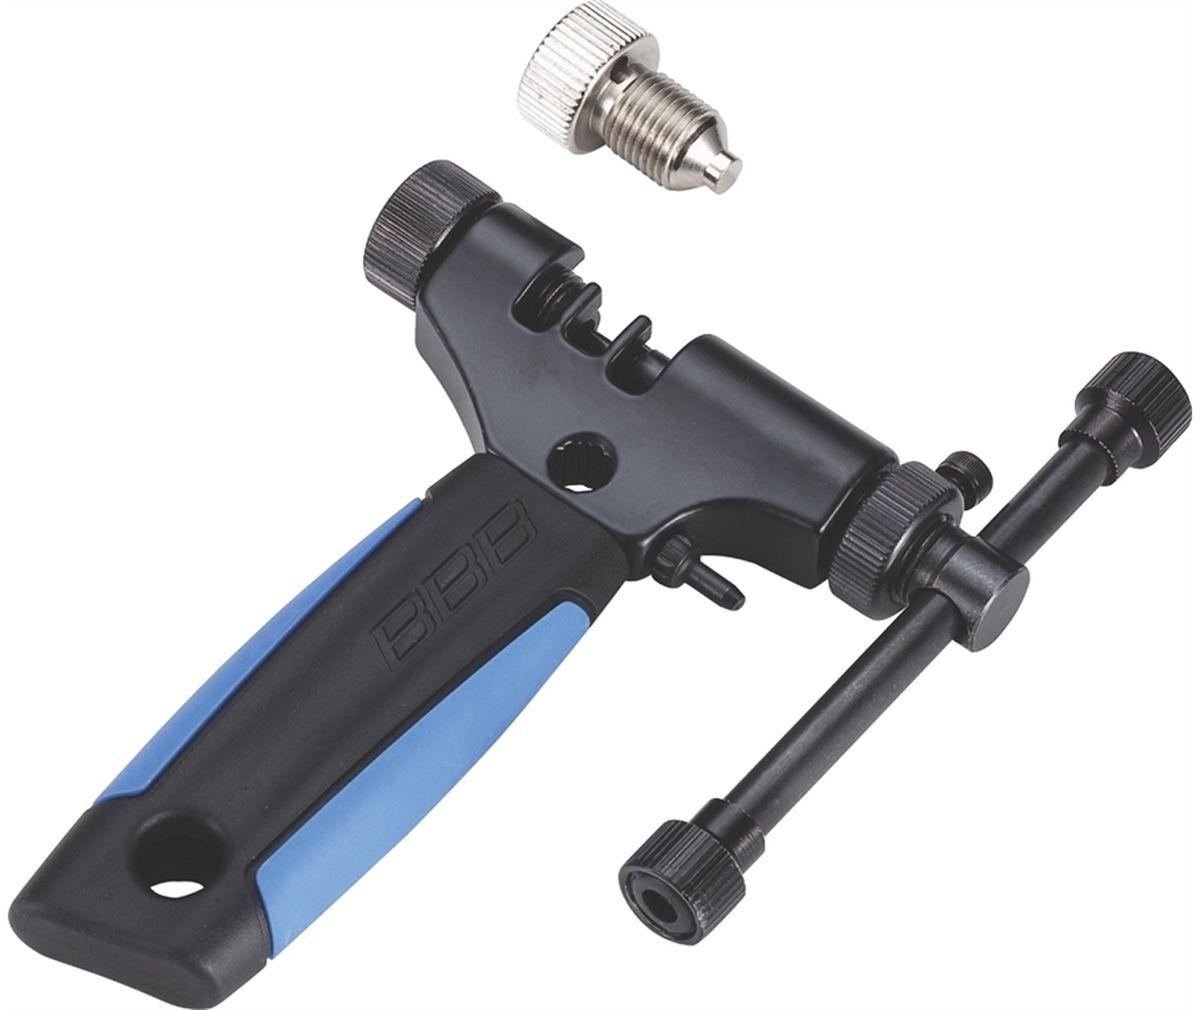 Выжимка цепи BBB ProficonnectBTL-55Профессиональная выжимка цепи. Подходит для всех цепей, включая 11 скоростные. Полностью регулируется под ширину цепи. Удобная резиновая ручка. В комплекте деталь для цепи Campagnolo 11 скоростей. Запасной пин в комплекте.